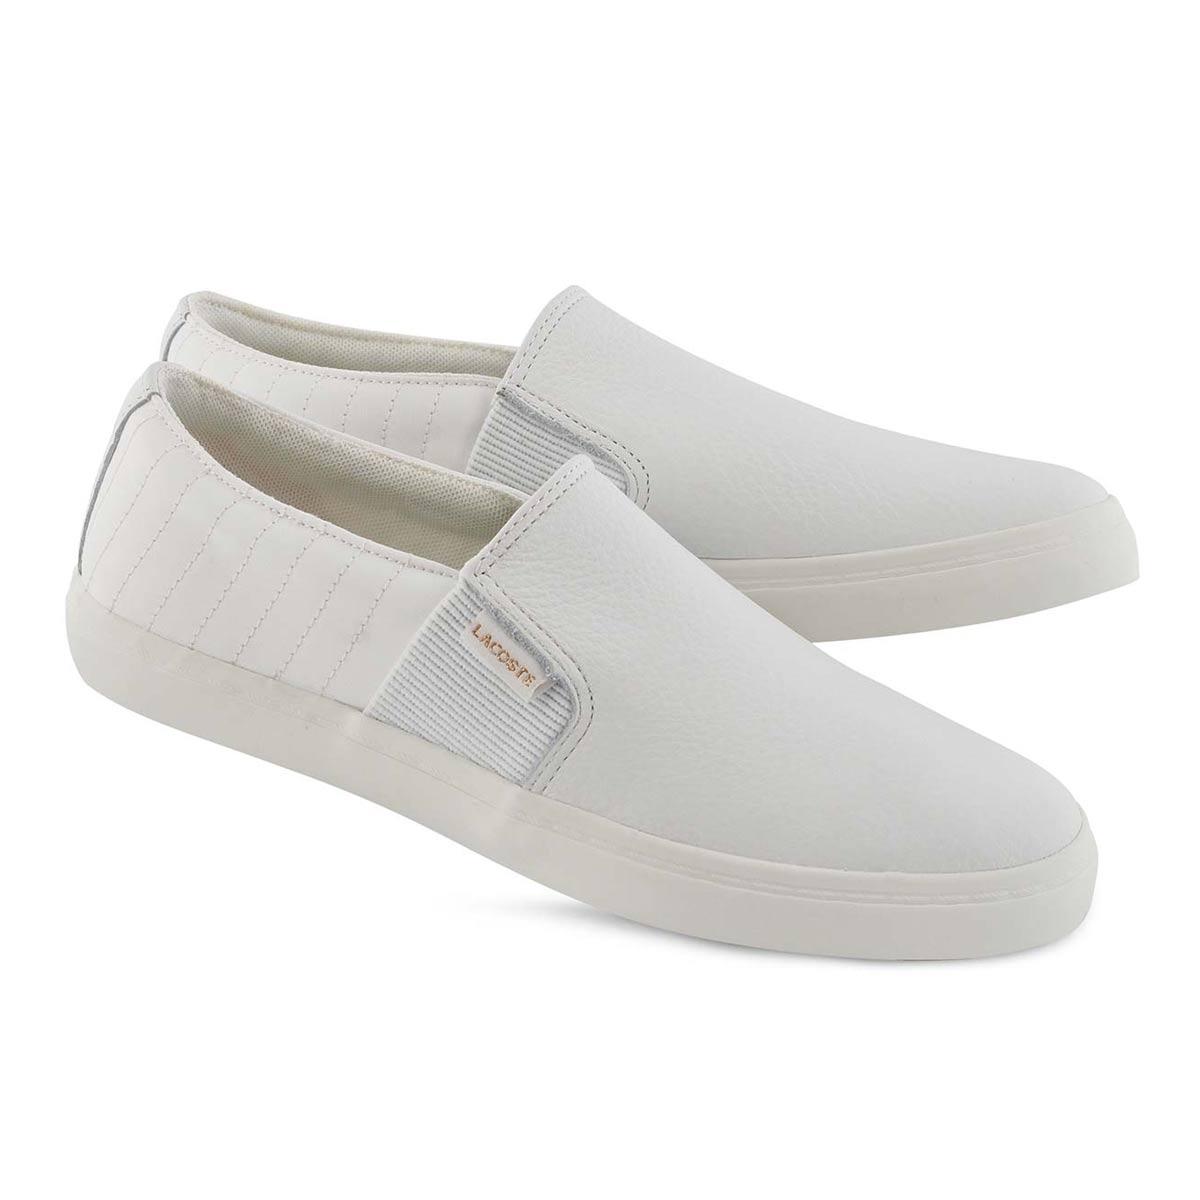 Women's Gazon 2.0 319 2 Slip On Sneaker - White